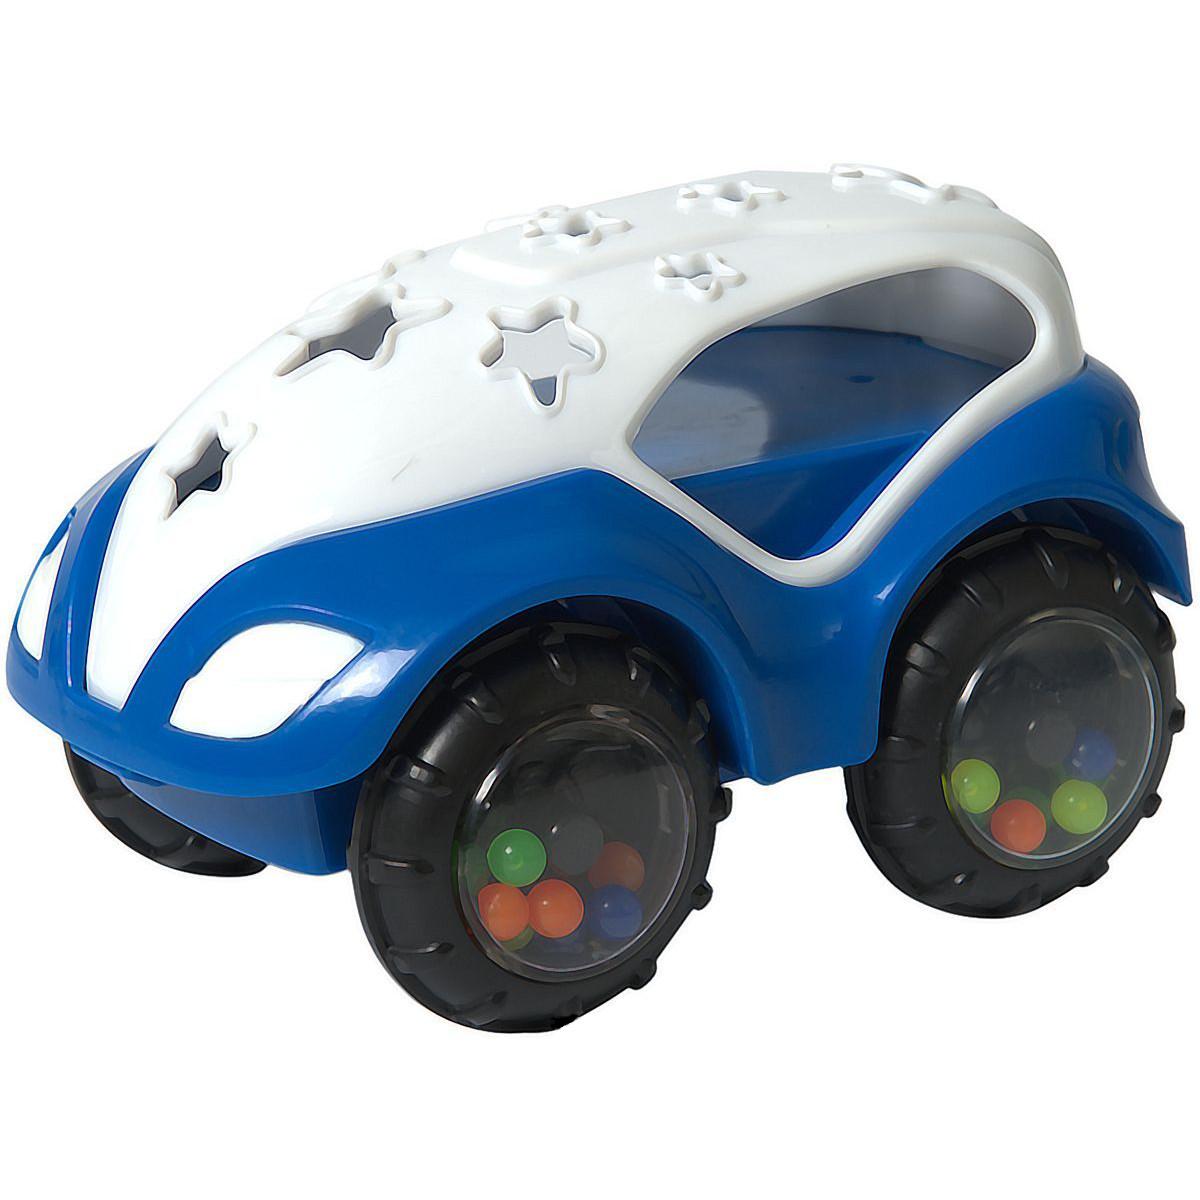 Машинка-неразбивайка, бело-синяяМашинки для малышей<br>Машинка-неразбивайка, бело-синяя<br>